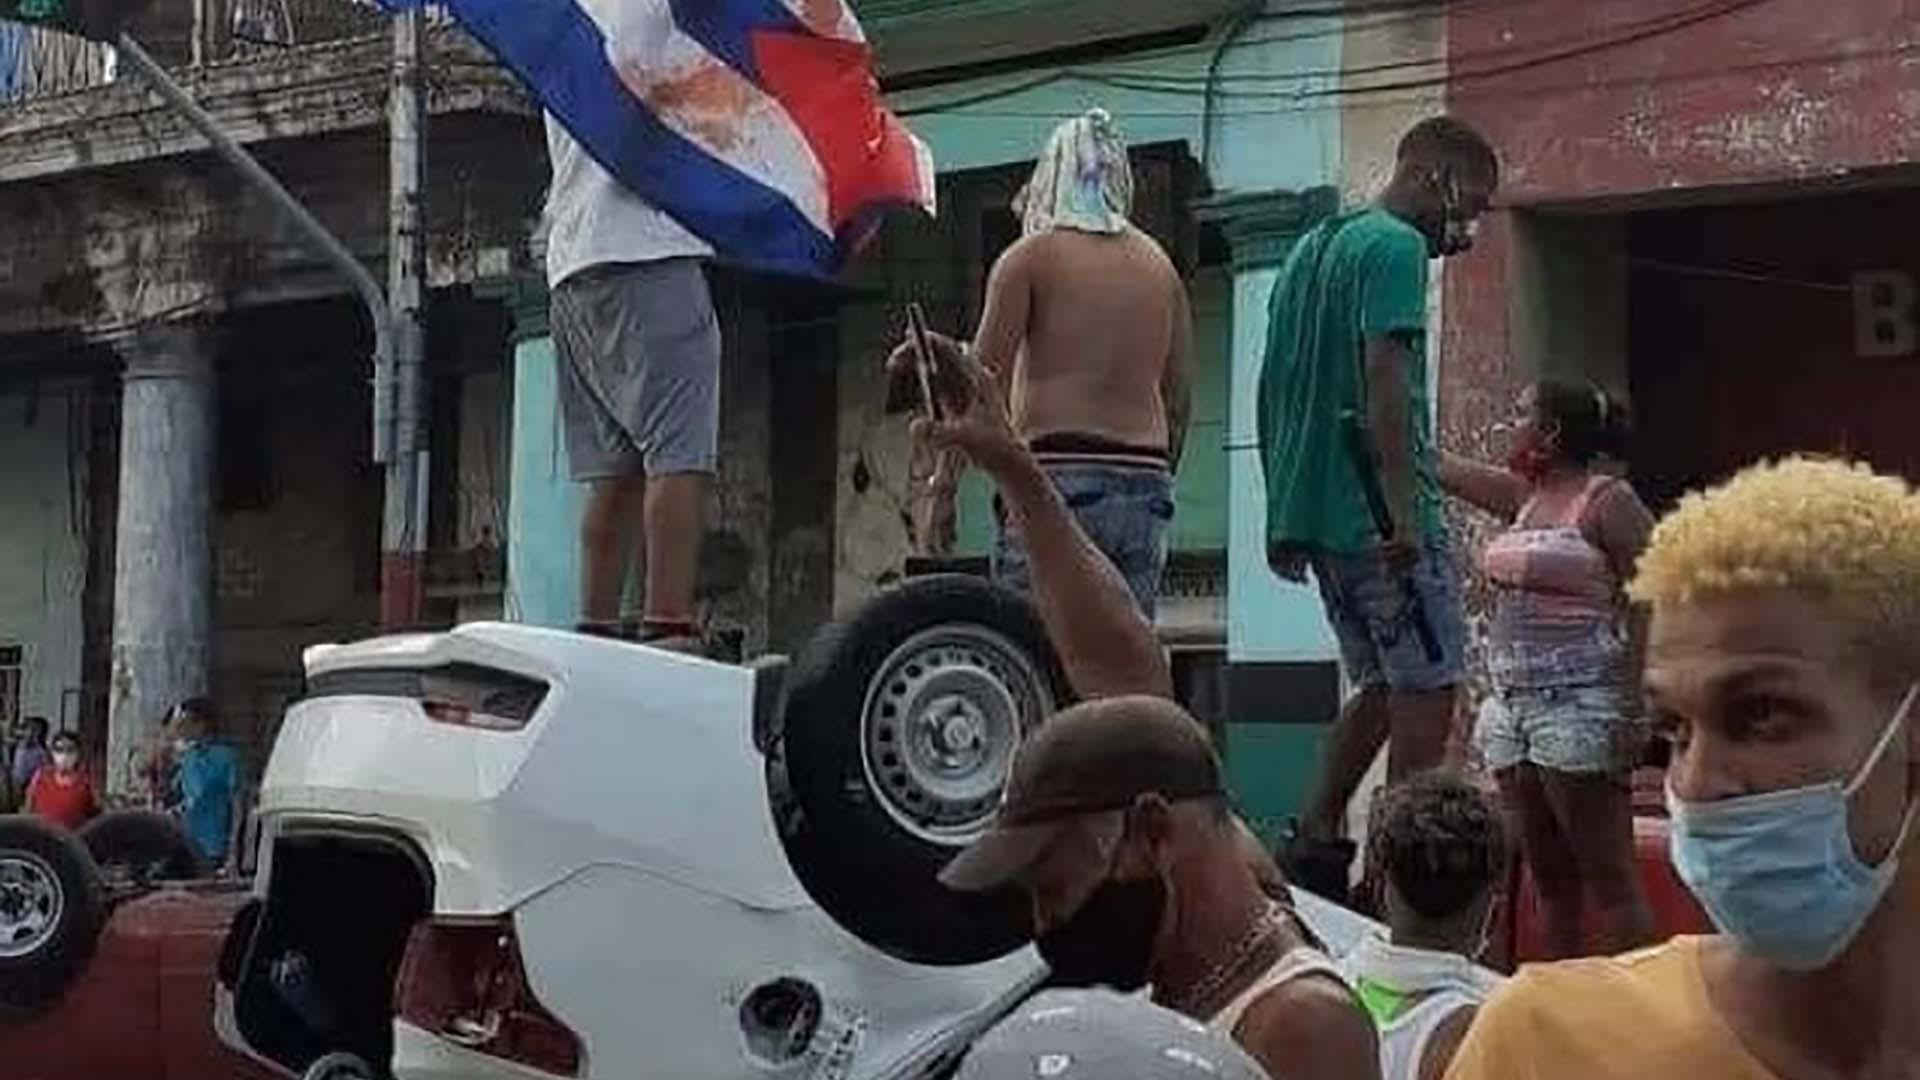 Las fotos más impactantes de las multitudinarias protestas contra el  régimen de Cuba - Infobae